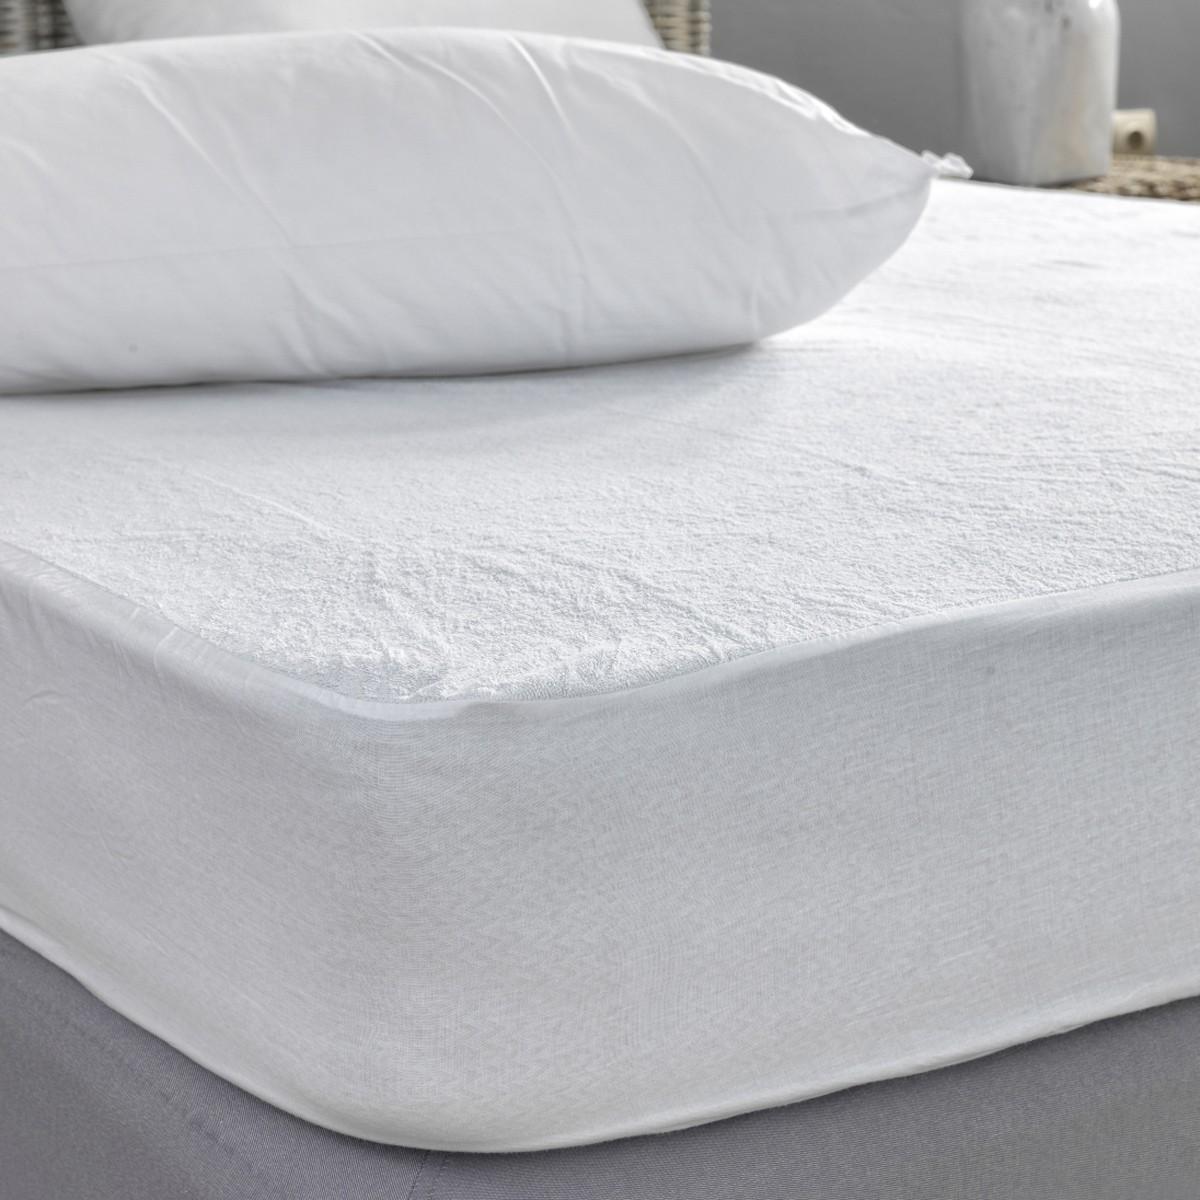 Βρεφικό Σελτεδάκι Palamaiki White Comfort Waterproof